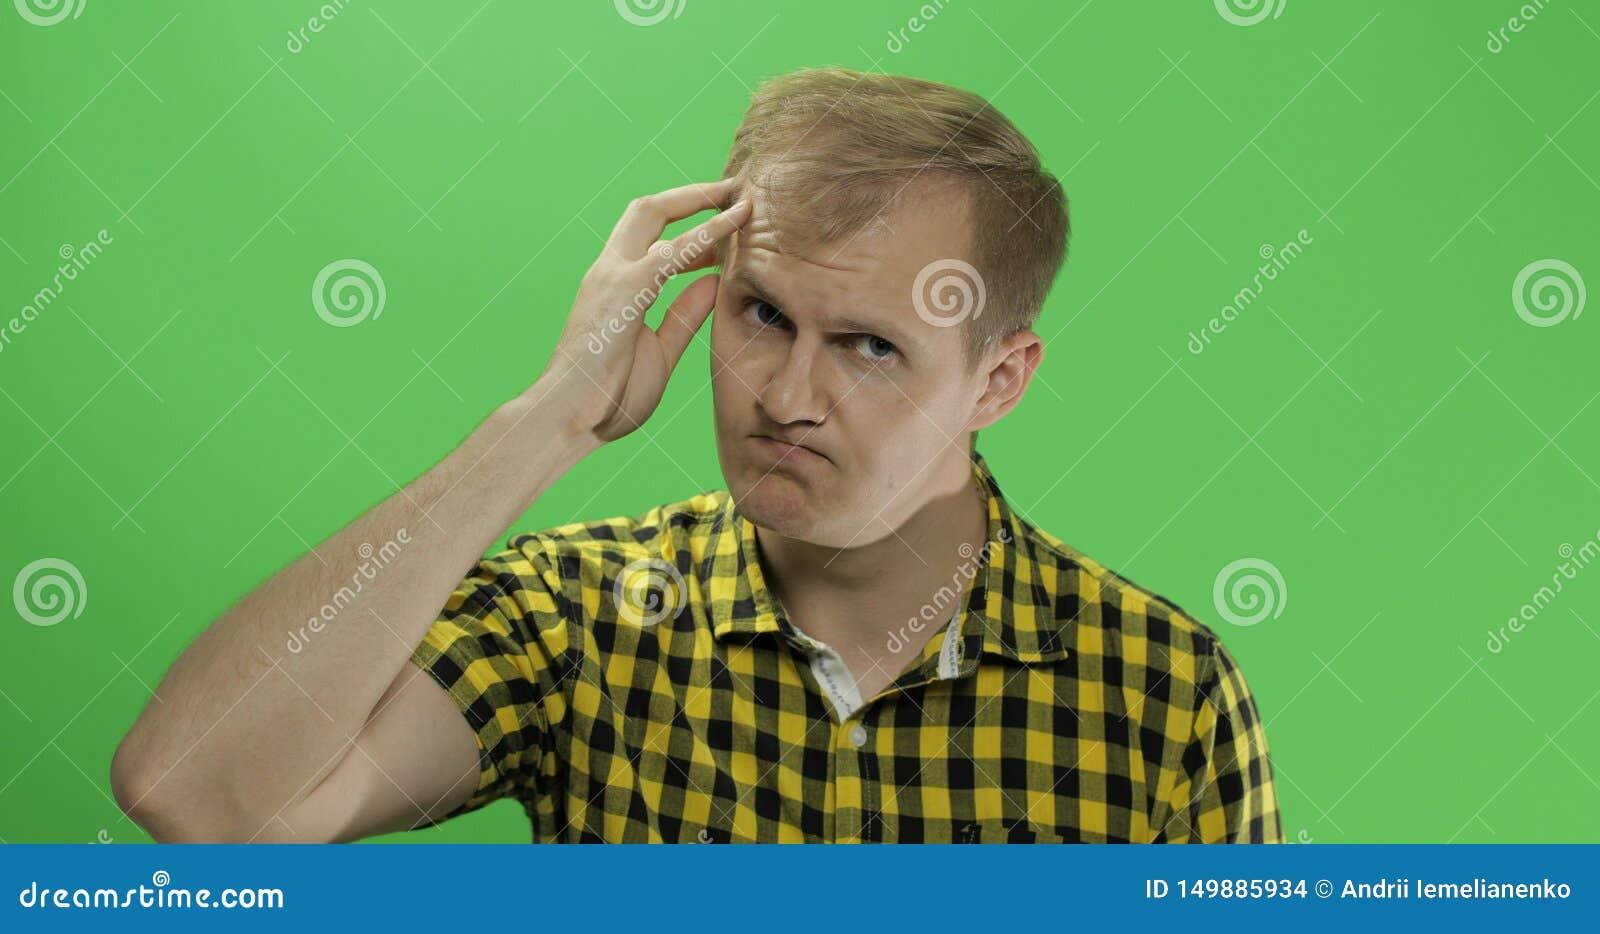 Przystojny rozważny mężczyzna w żółty koszulowy patrzeć w kamerze i myśleć